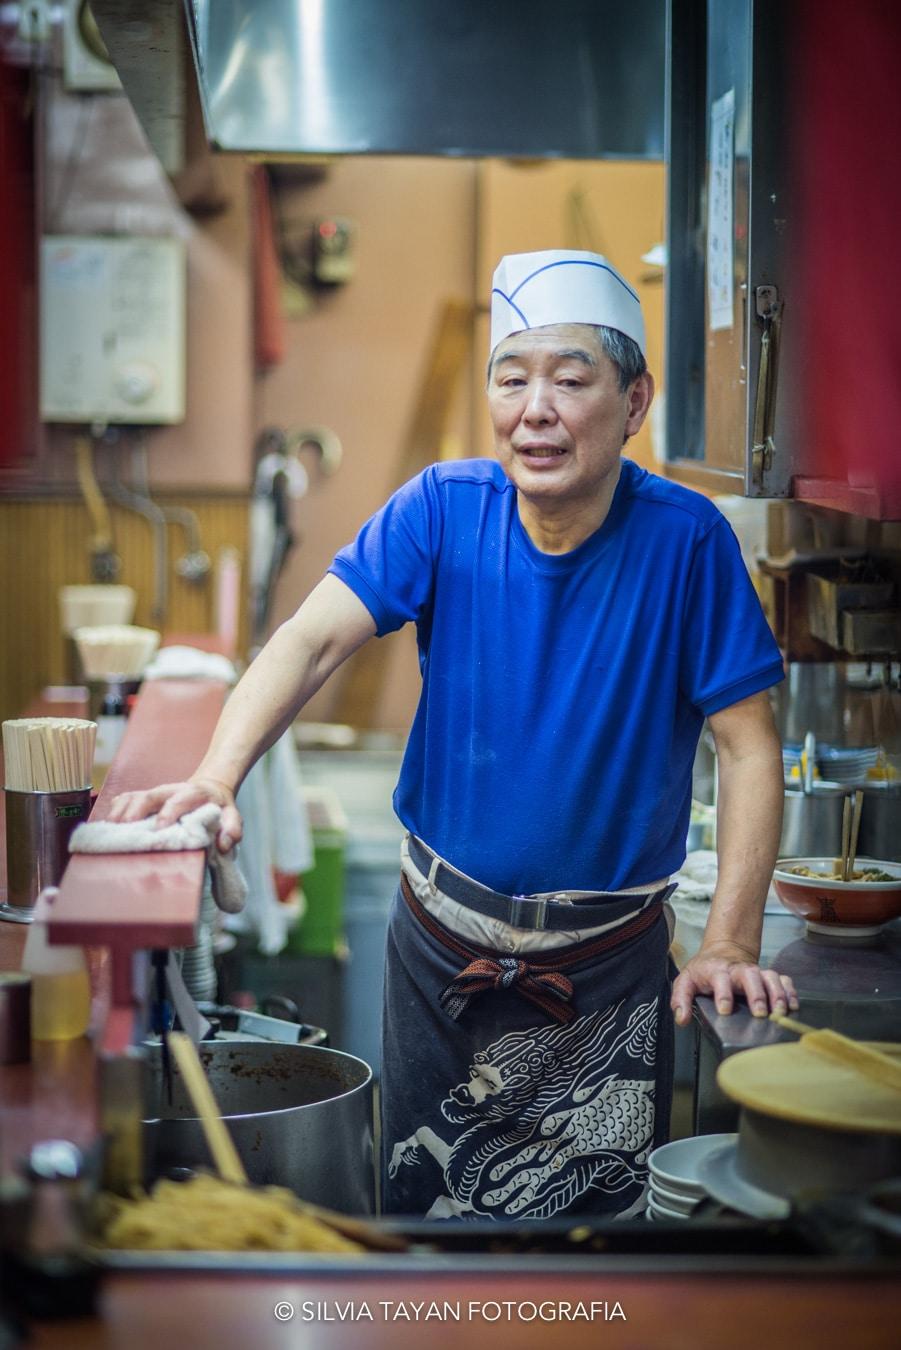 Cocinero japonés Silvia Tayan